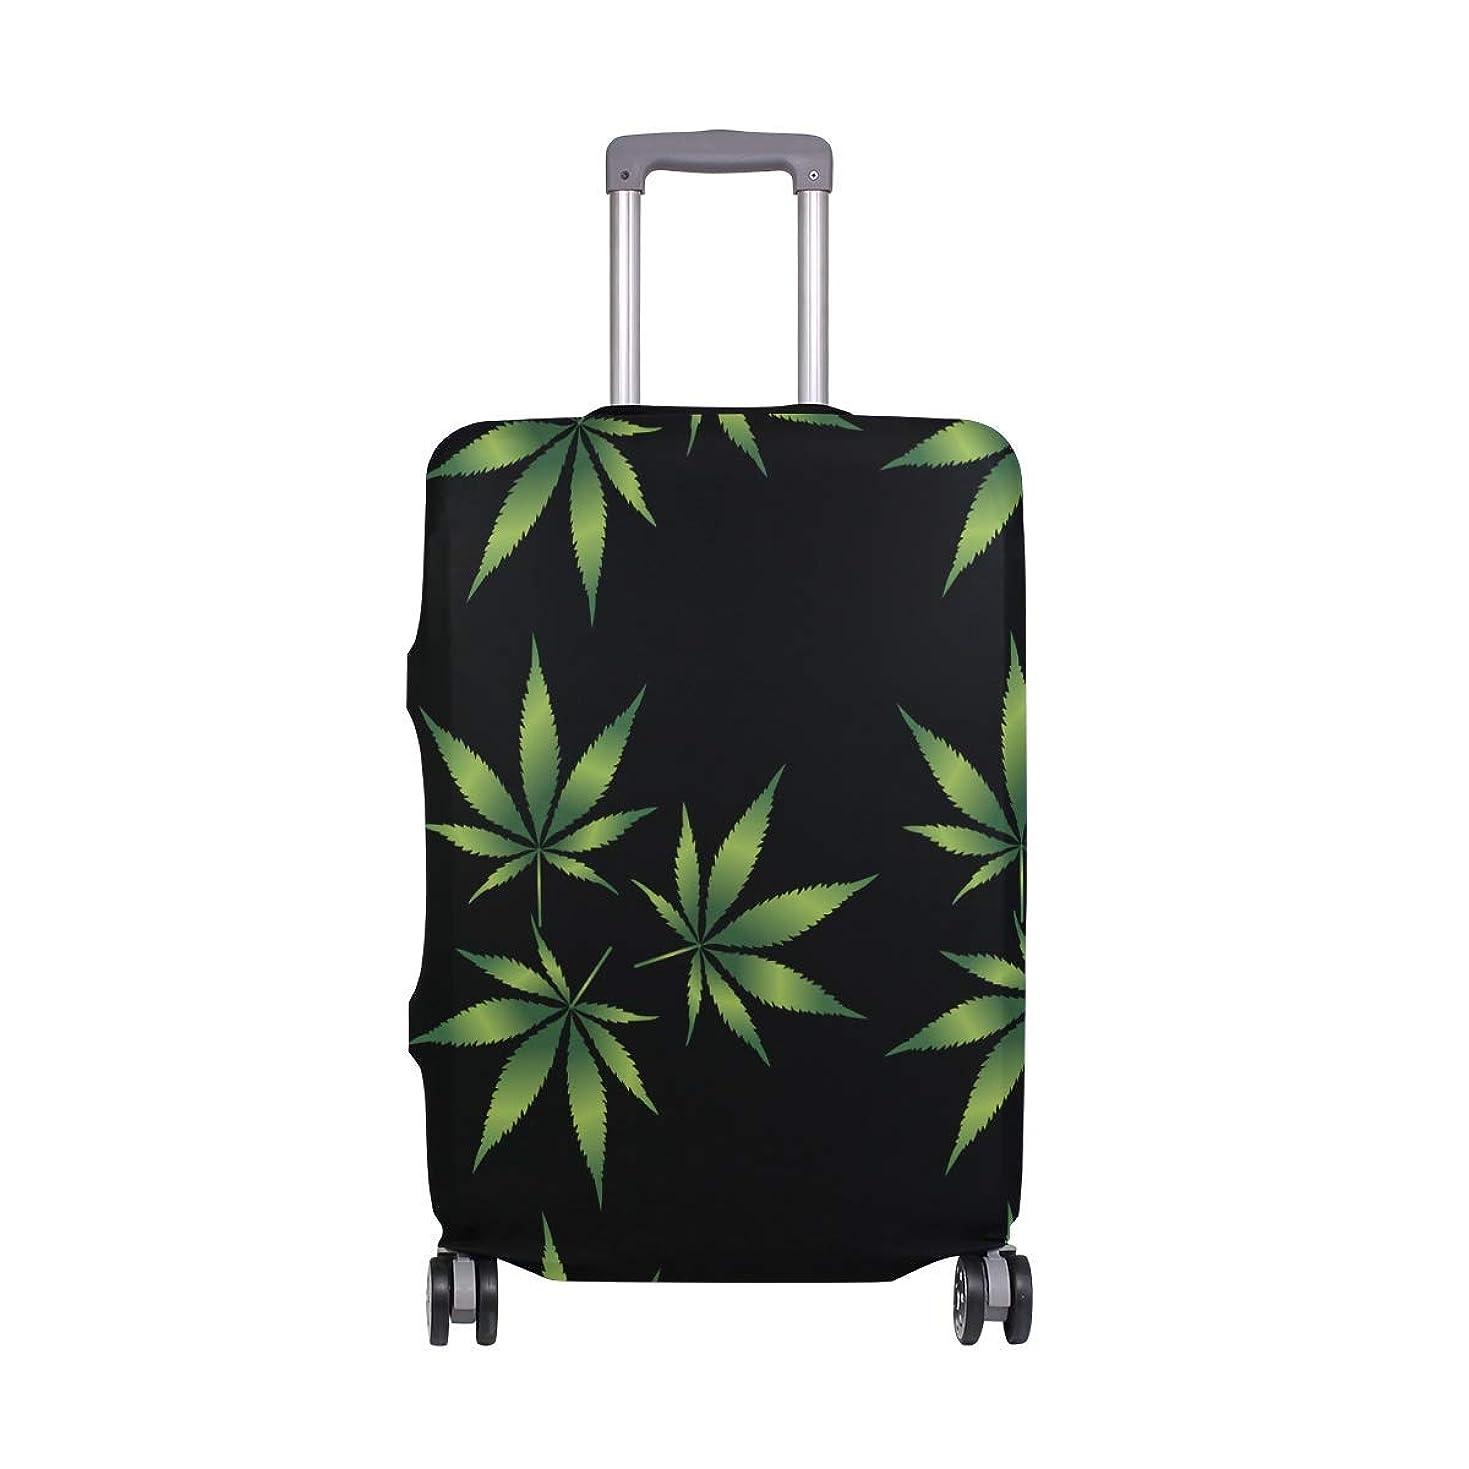 平行ミュートクラウド繊細な印刷では大麻リーフ柄スーツケースプロテクター弾性旅行荷物カバー防雨手荷物カバー